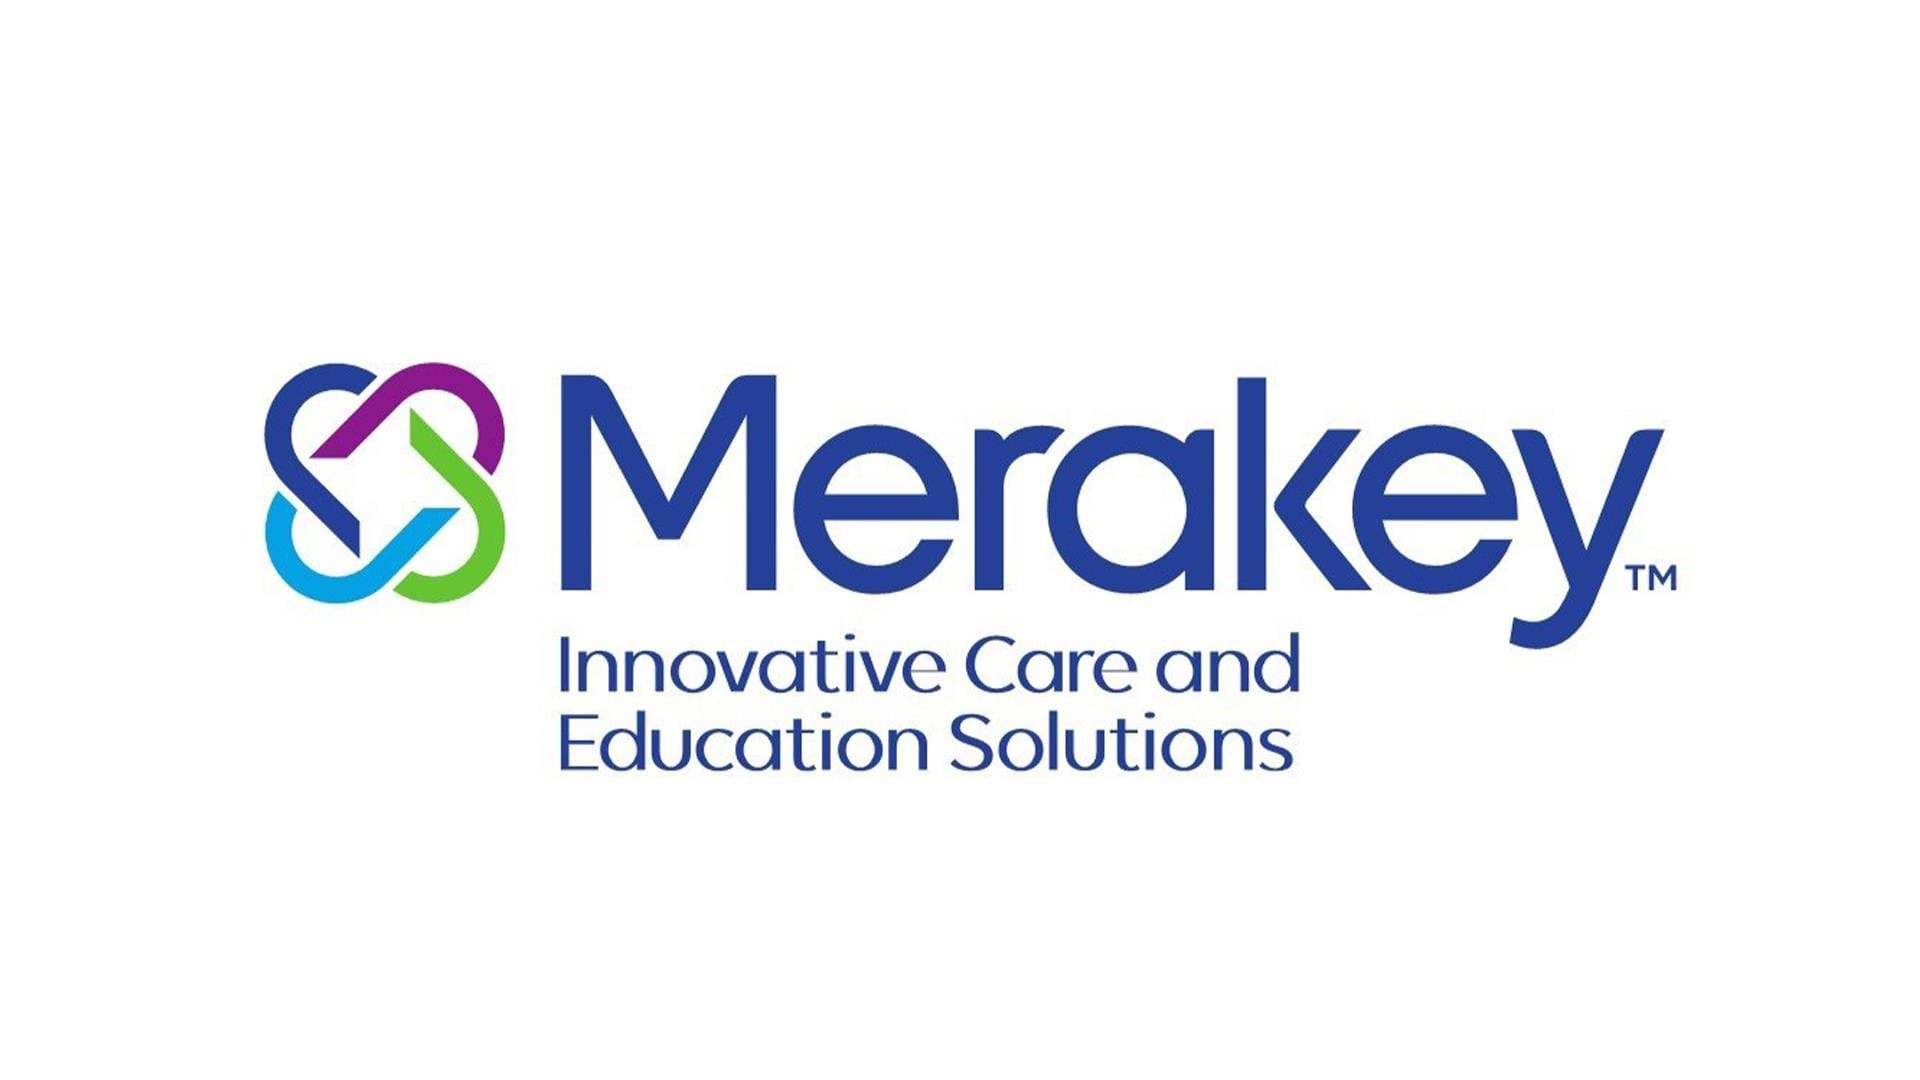 Merakey